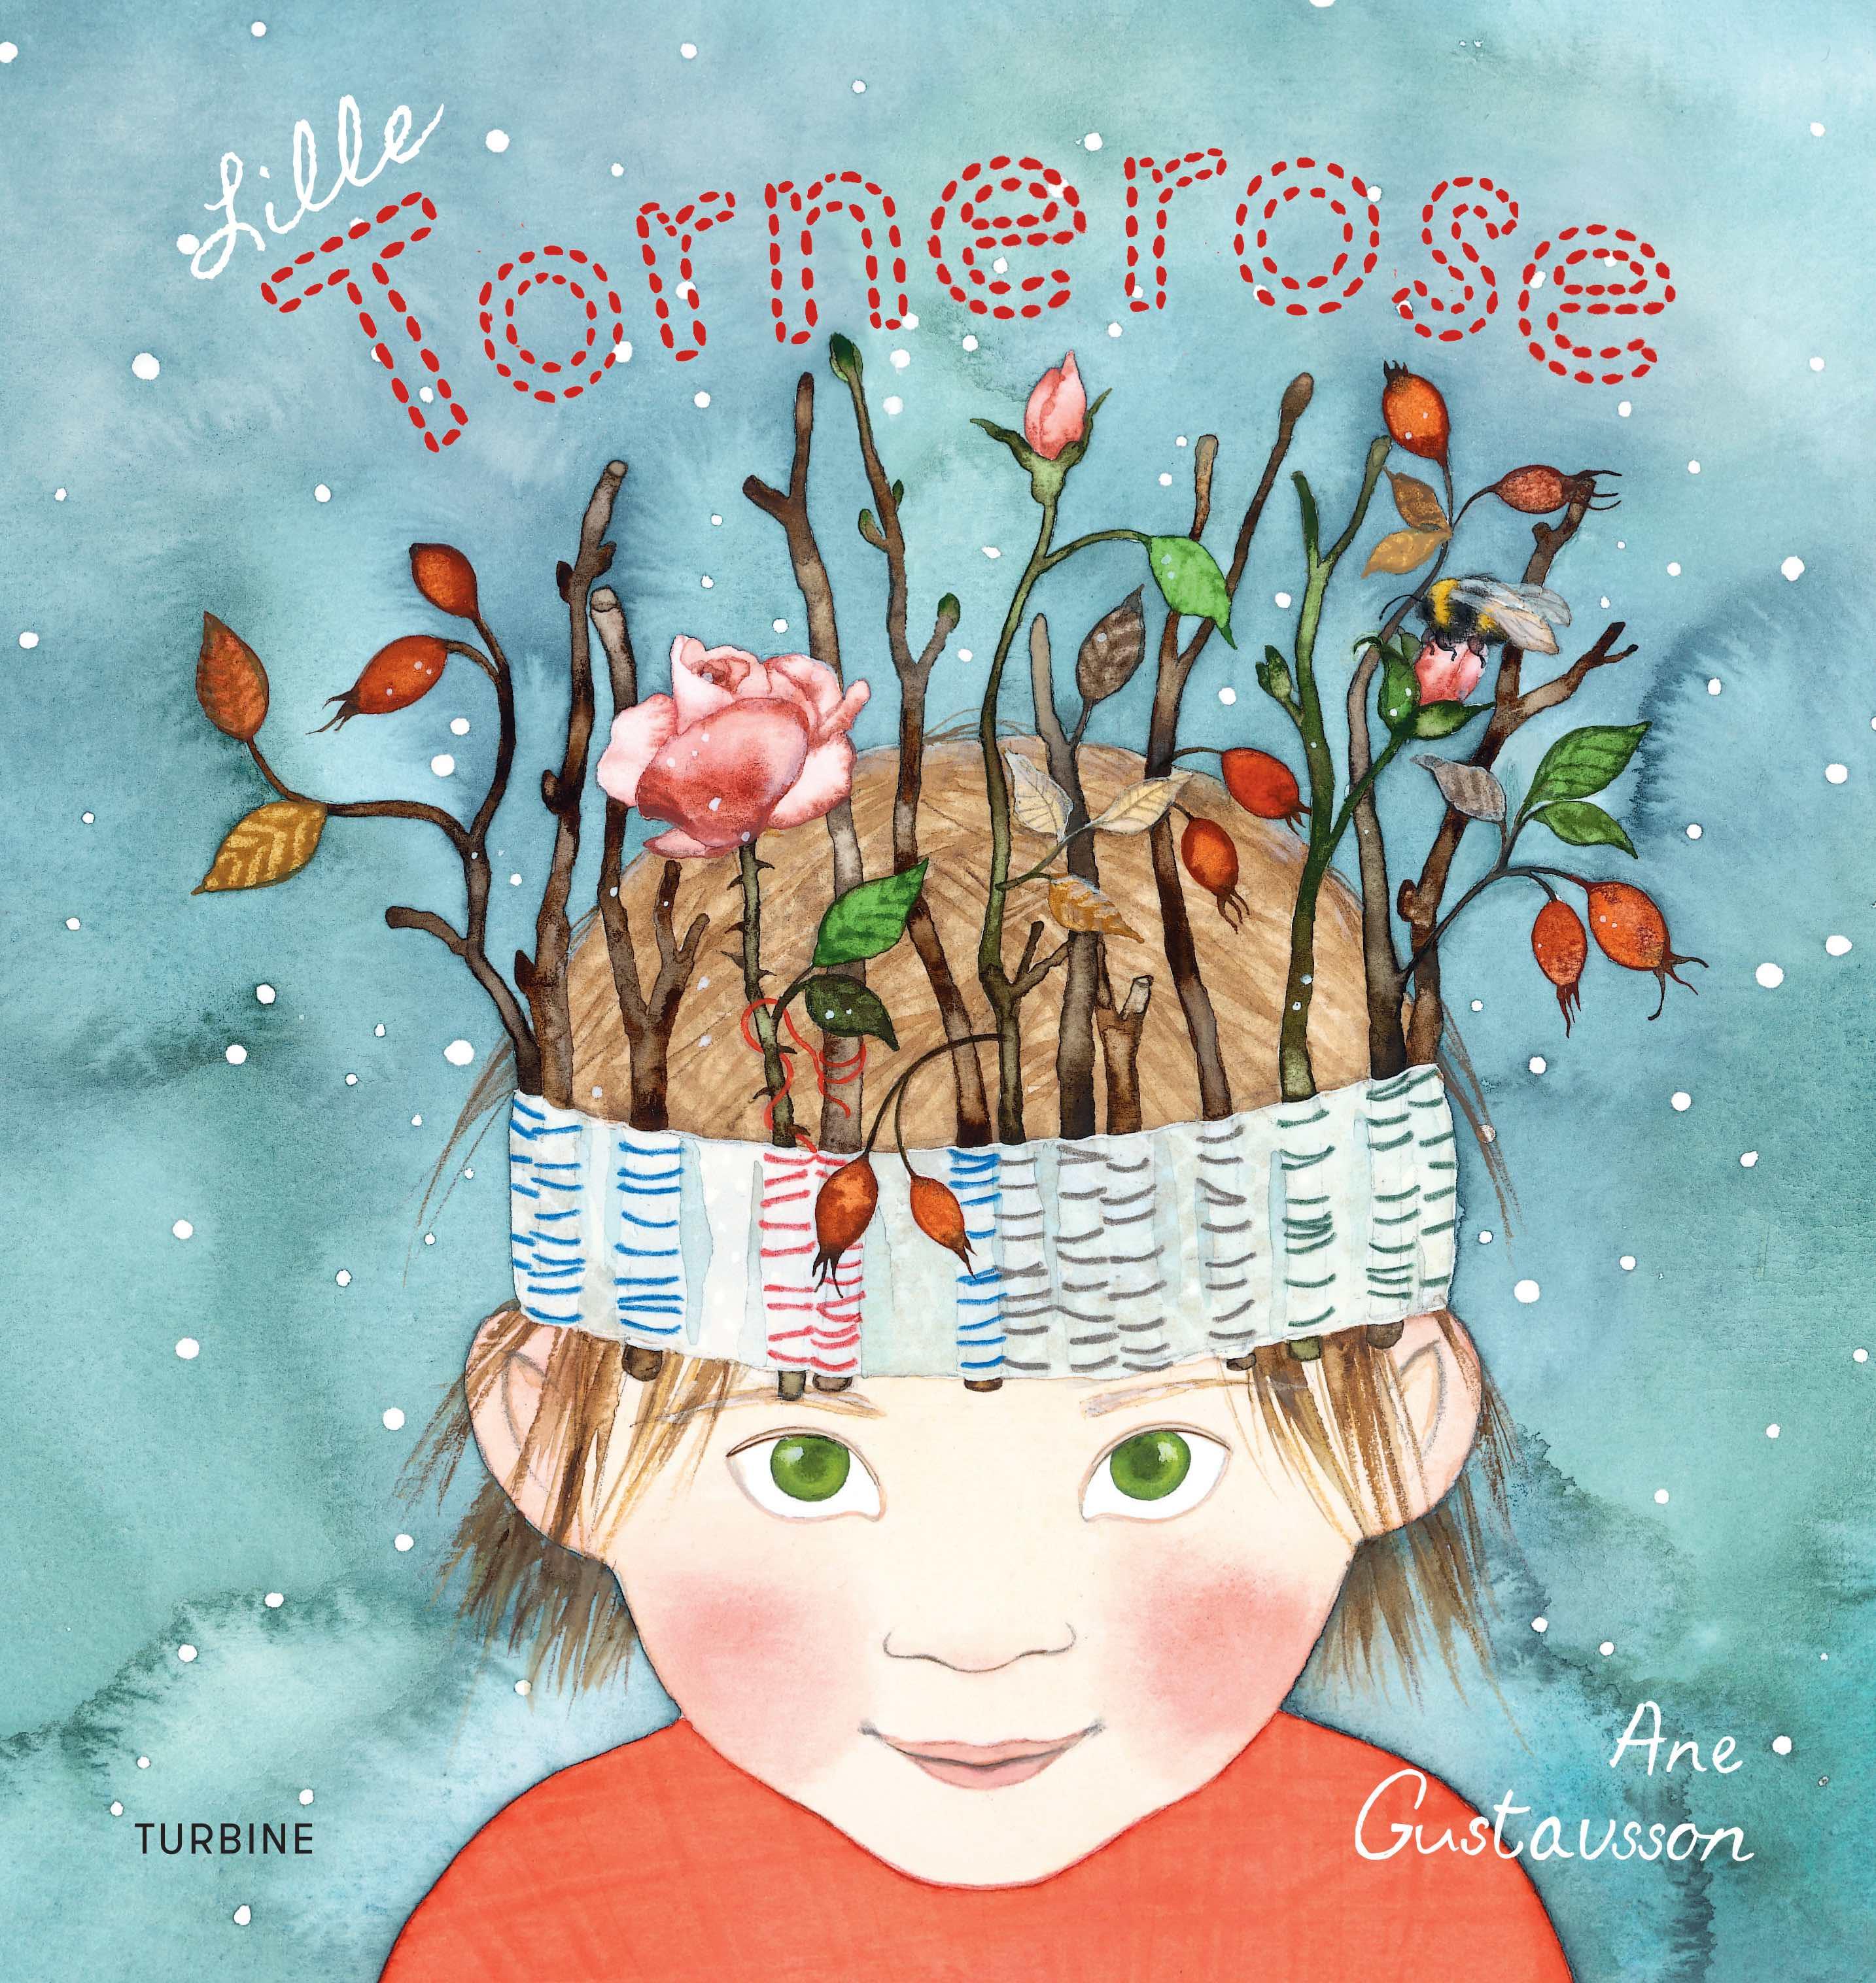 Lille Tornerose - Ane Gustavsson - Bøger - Turbine - 9788740651072 - October 31, 2018